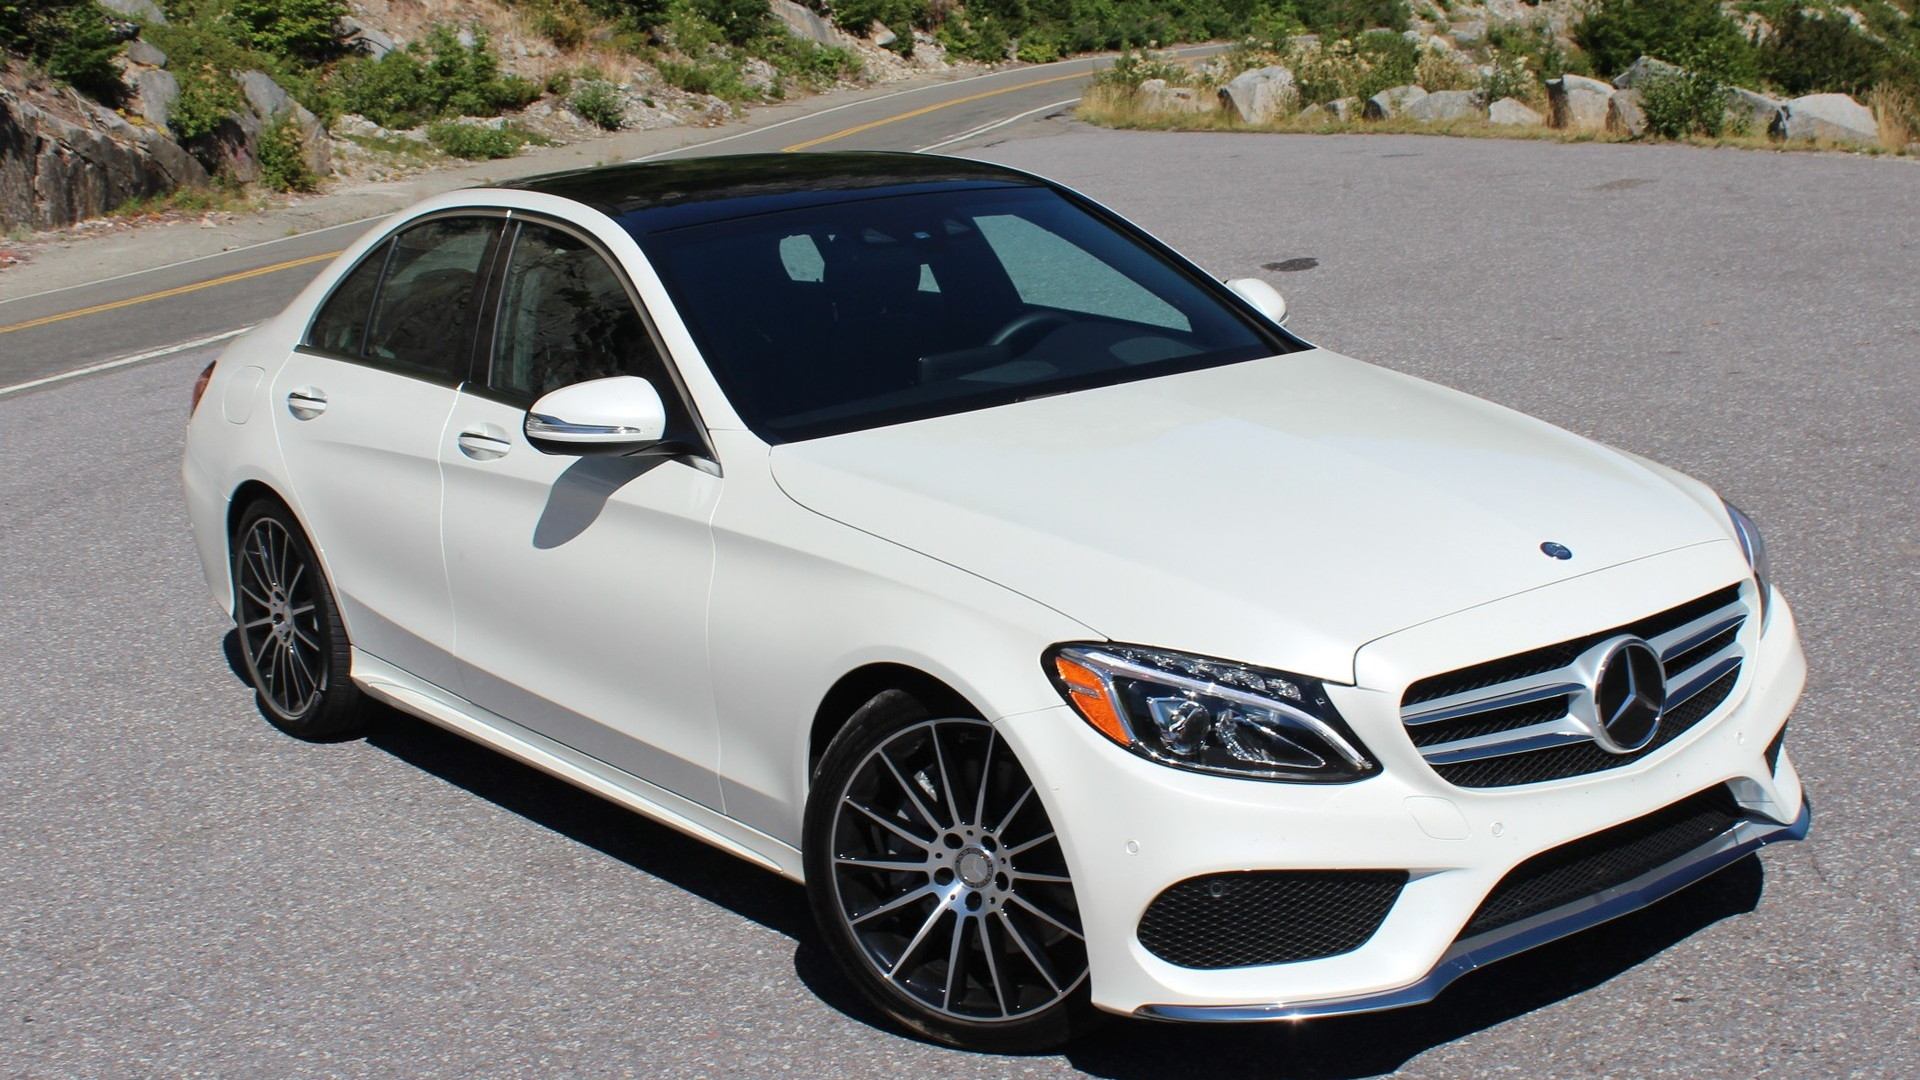 2015 Mercedes-Benz C-Class  -  First U.S. Drive,  August 2014